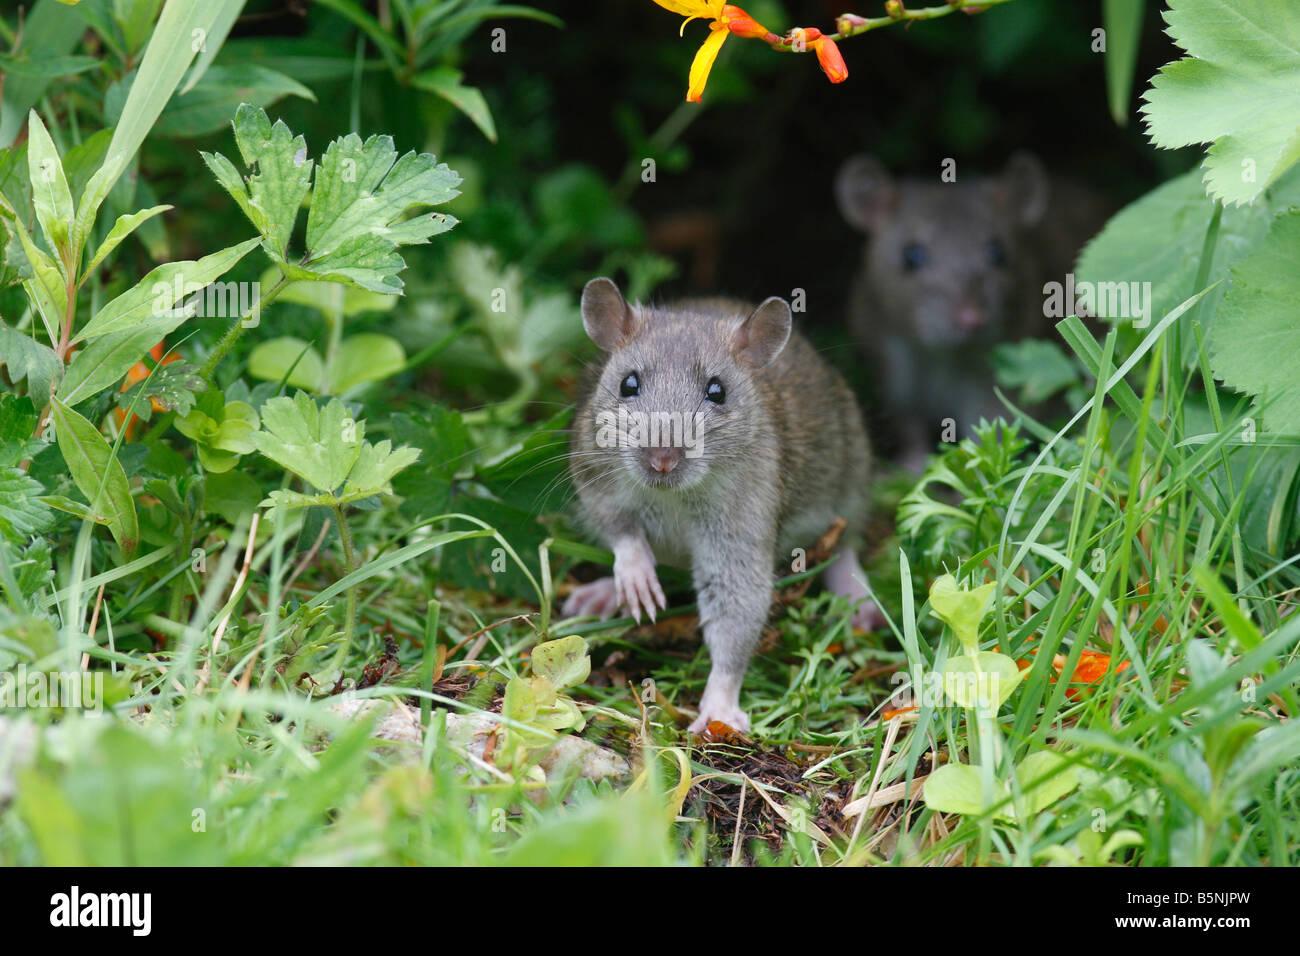 BROWN RAT Rattus norvegicus giovani provenienti al di fuori del confine di fiore VISTA FRONTALE Foto Stock